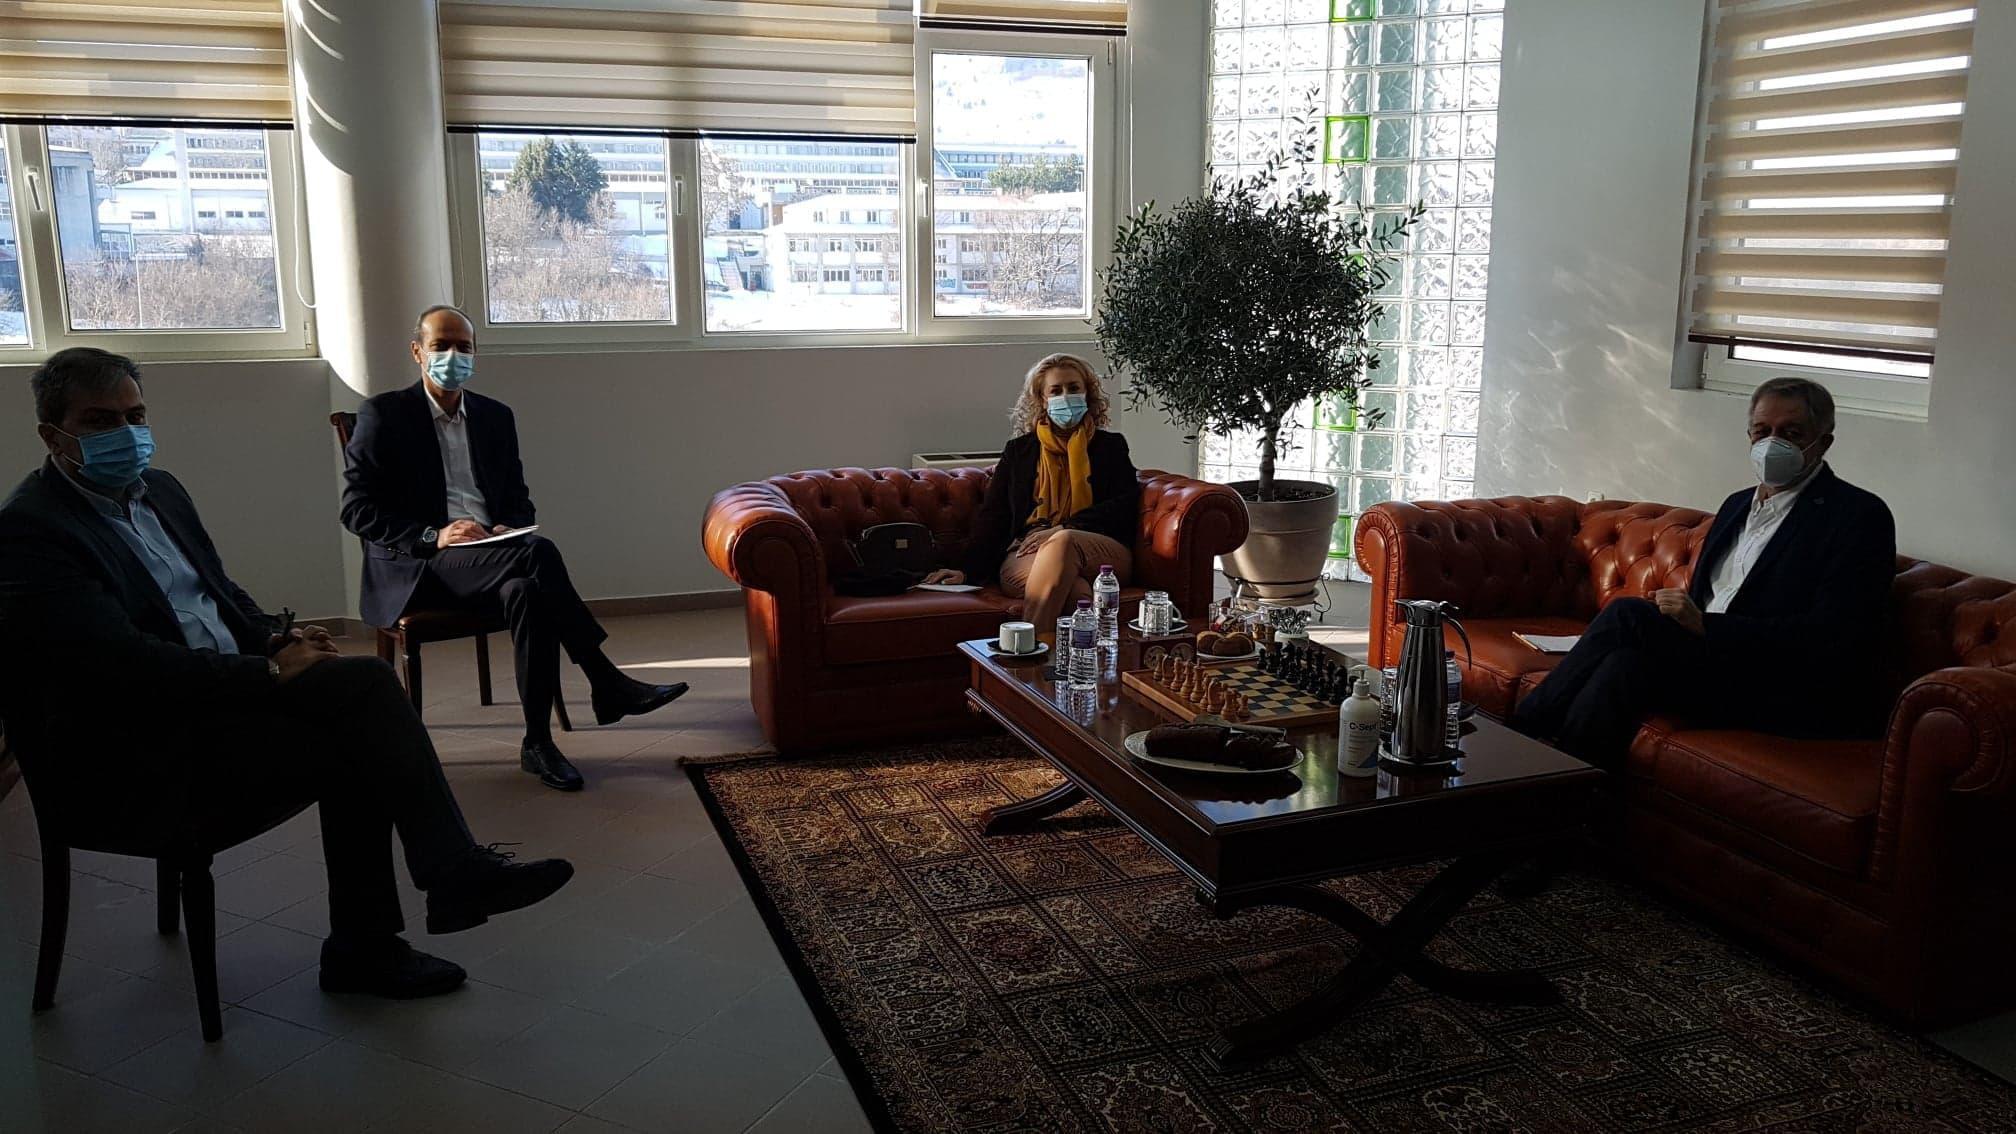 Ενημερωτική επίσκεψη κλιμακίου του Κινήματος Αλλαγής στον Πρύτανη του Πανεπιστημίου Δυτικής Μακεδονίας